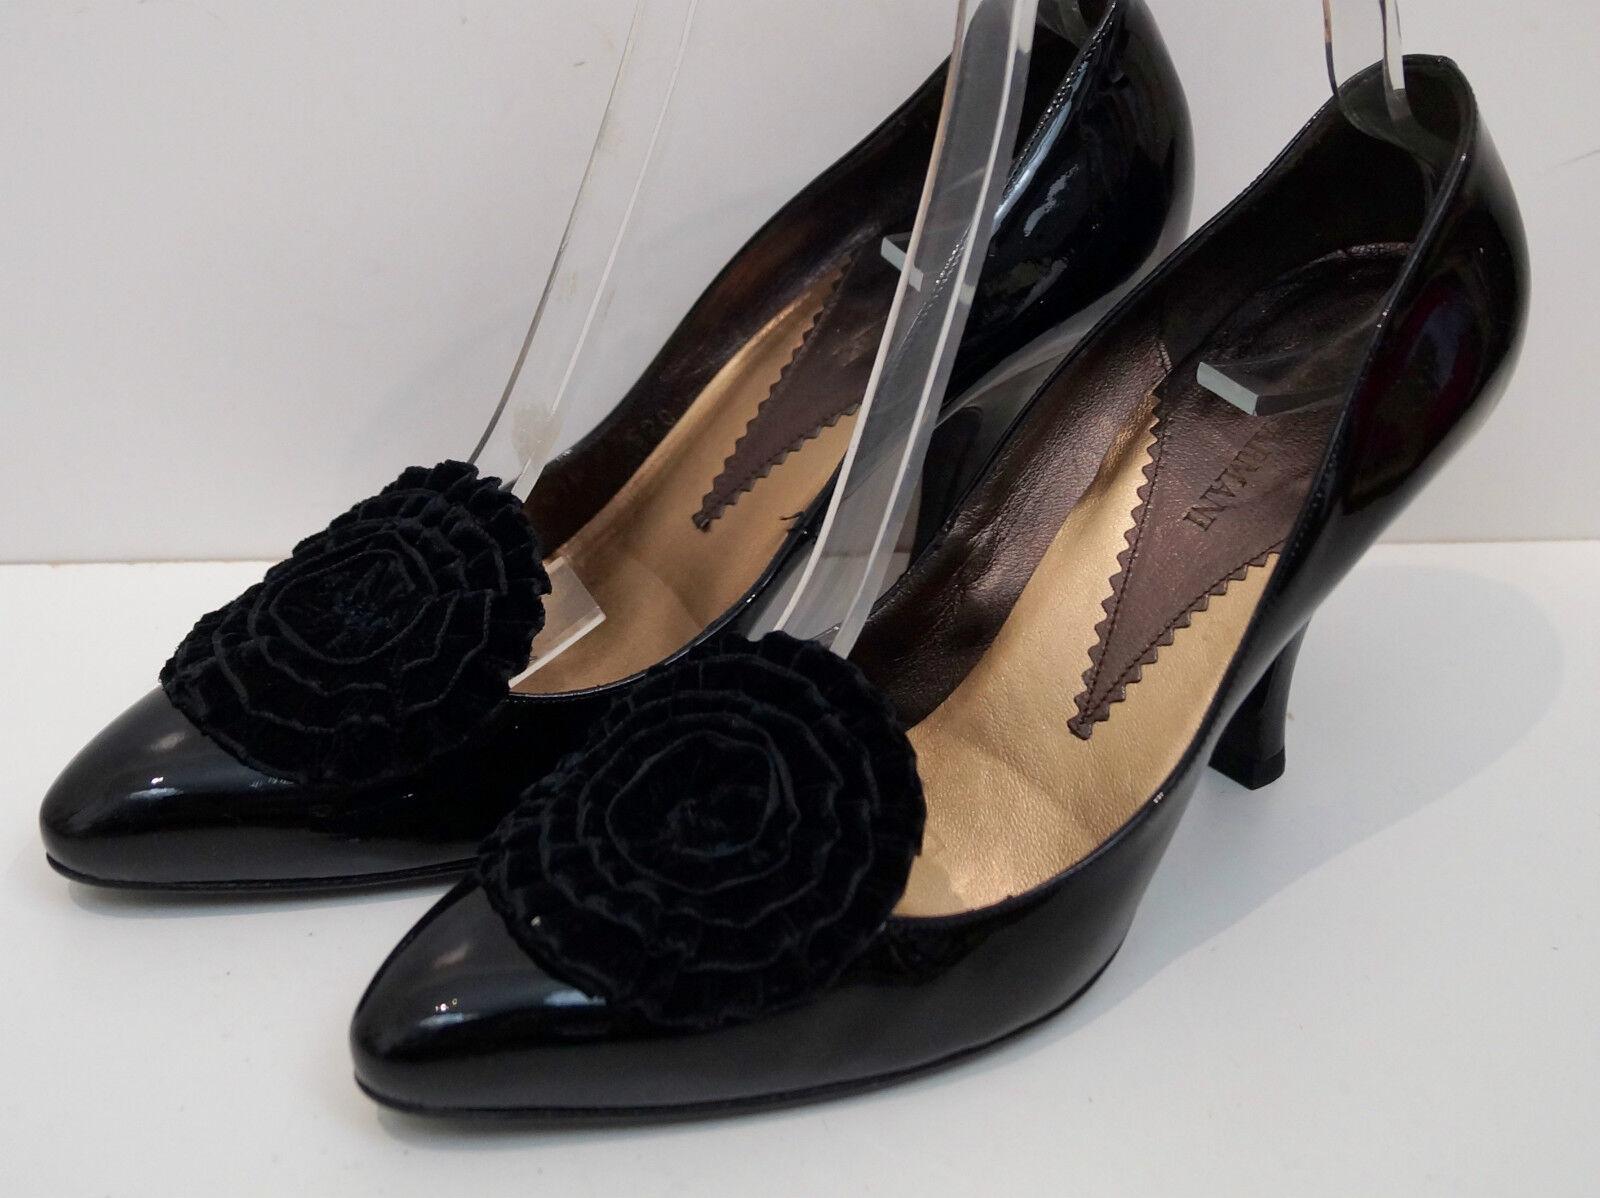 Felice shopping Giorgio ARMANI nero nero nero in pelle in vernice velluto floreale tacco alto plateau EU40 UK7  essere molto richiesto